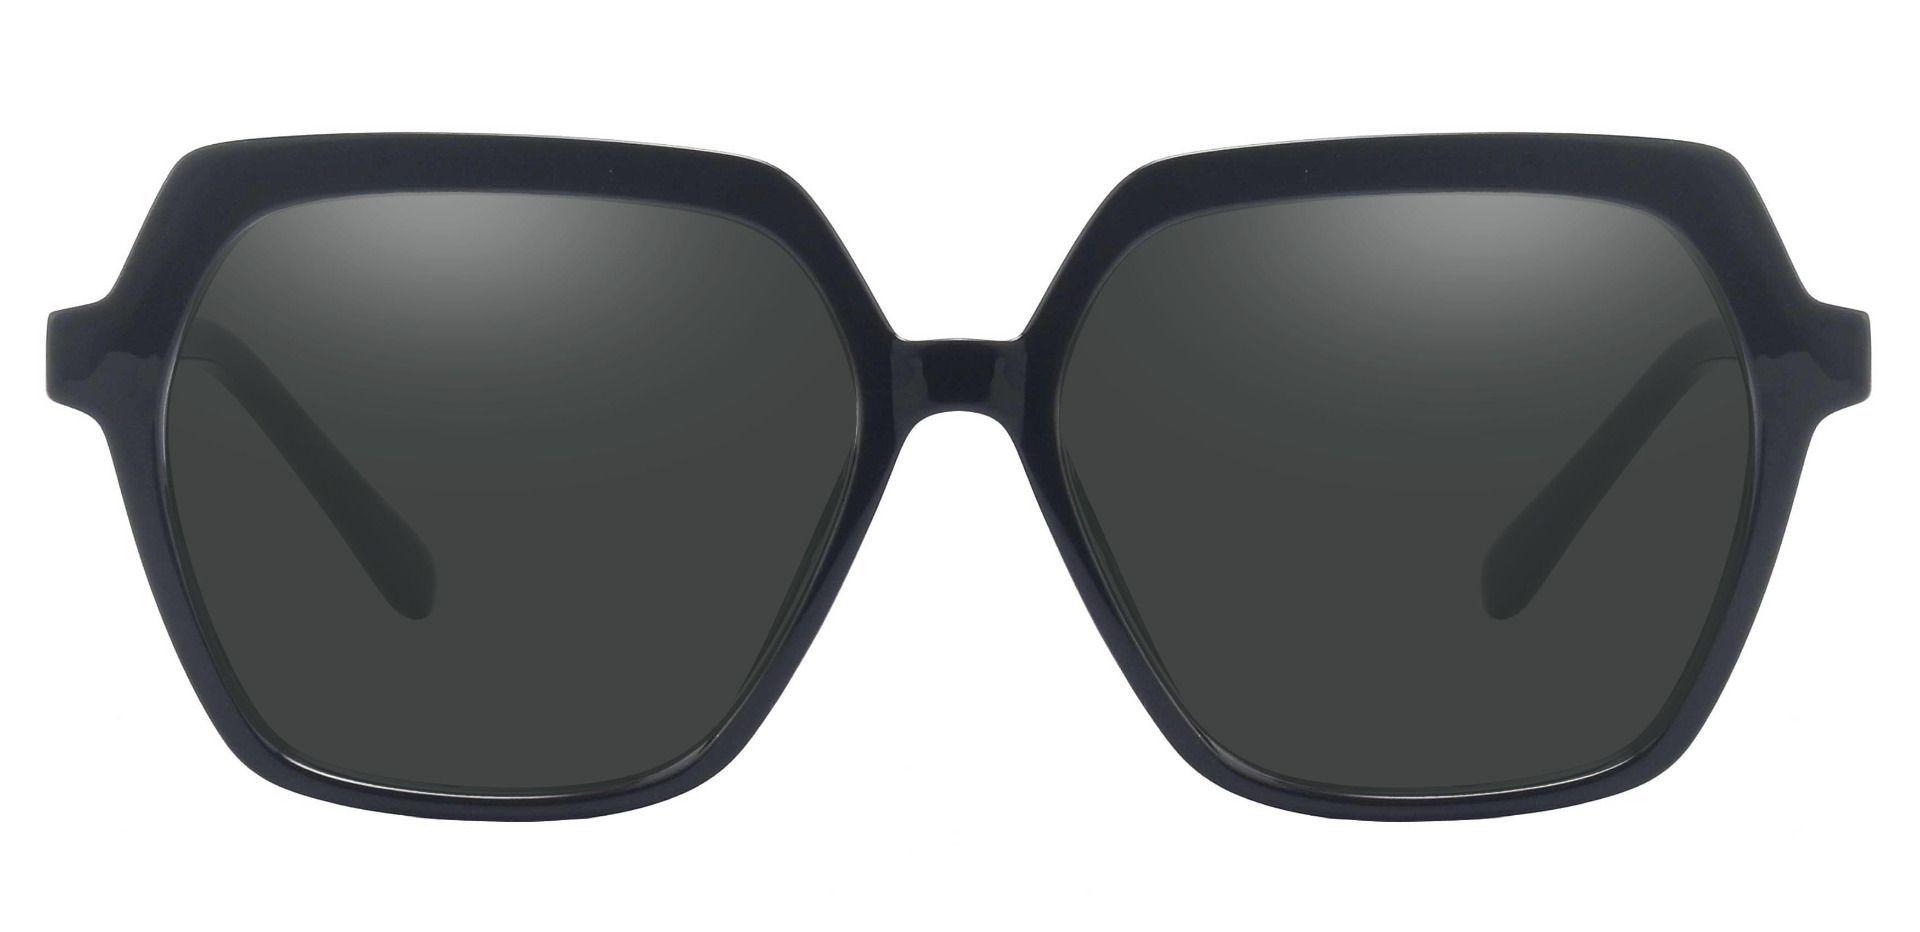 Regent Geometric Reading Sunglasses - Black Frame With Gray Lenses